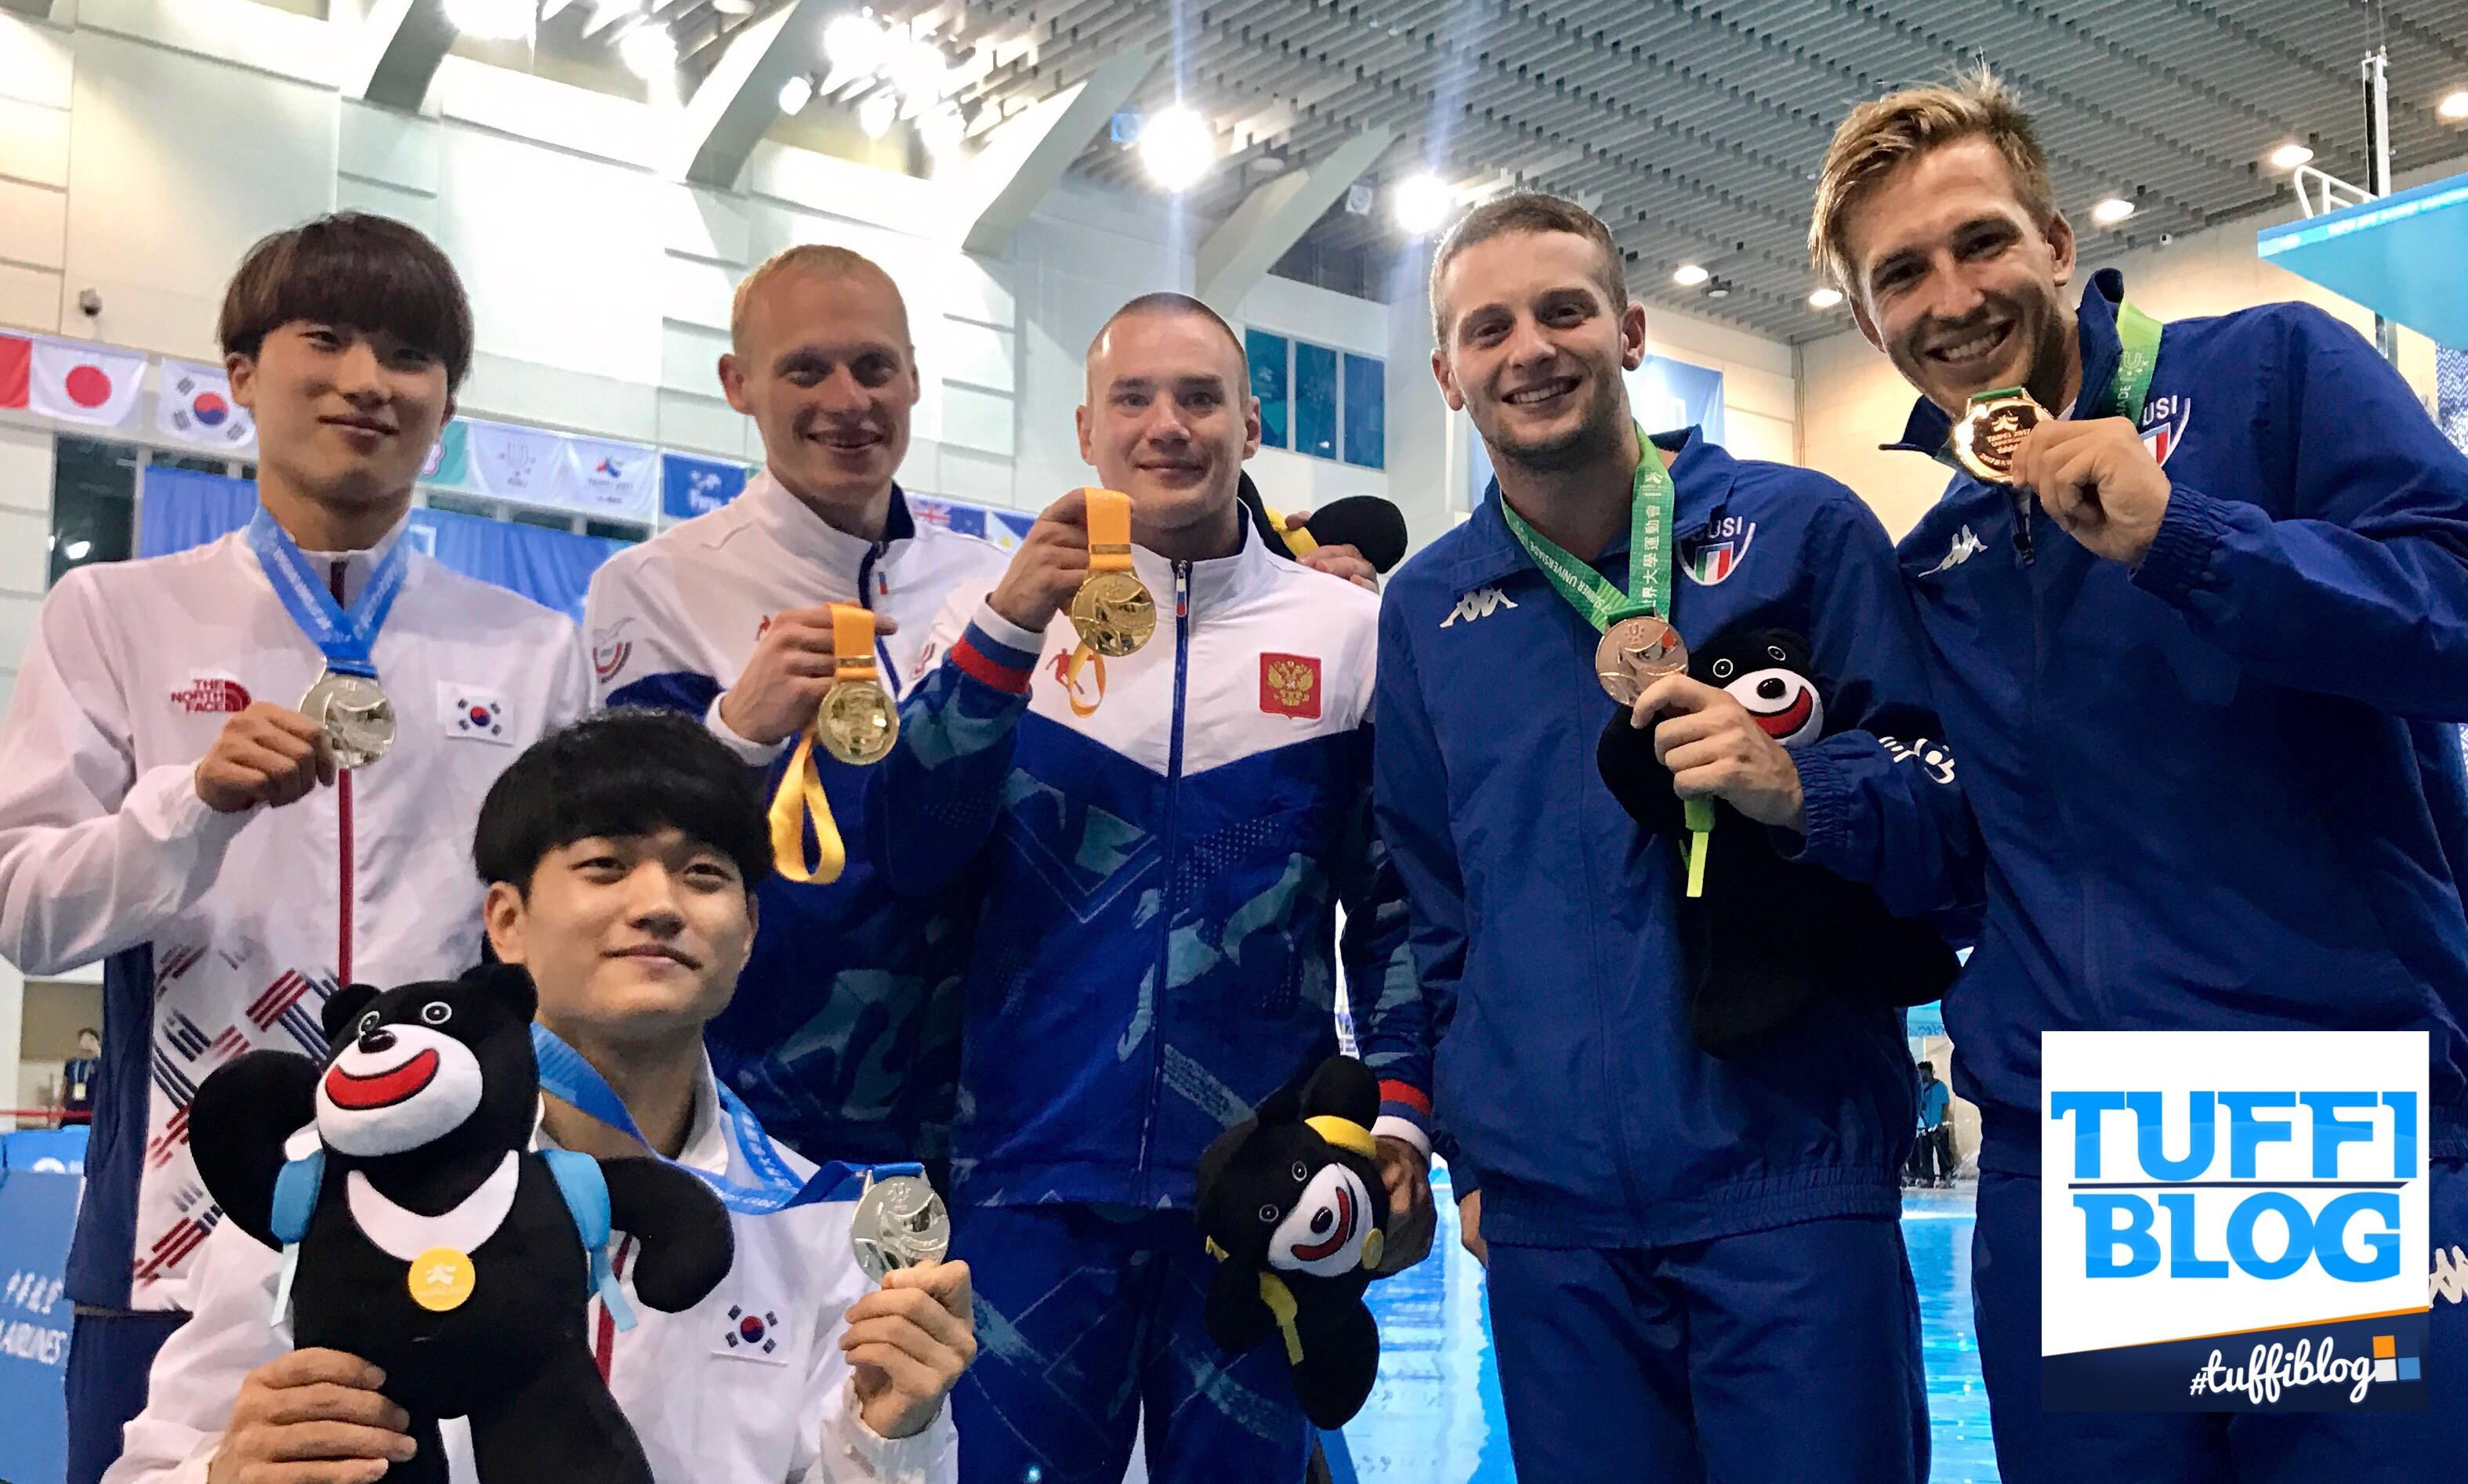 Universiadi 2017: Taipei - Marsaglia e Auber medaglia di bronzo nel sincro!